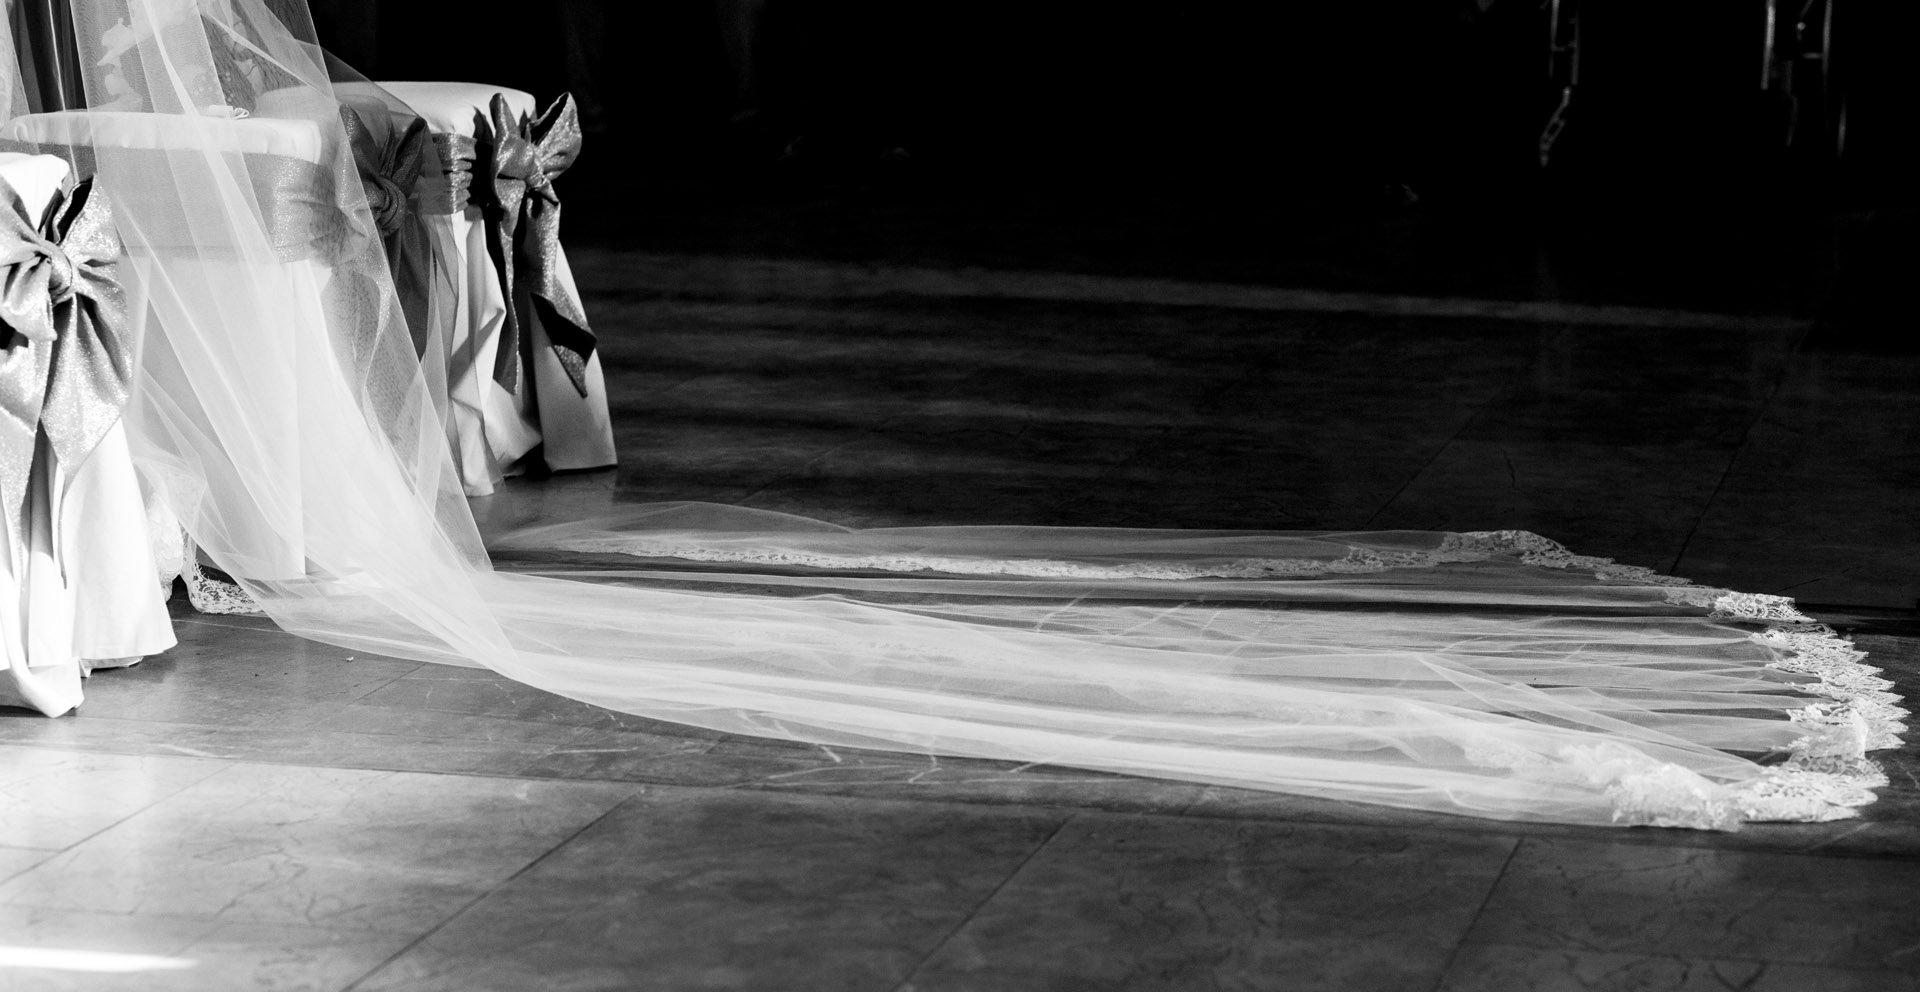 Detalle del velo de la novia durante la ceremonia.